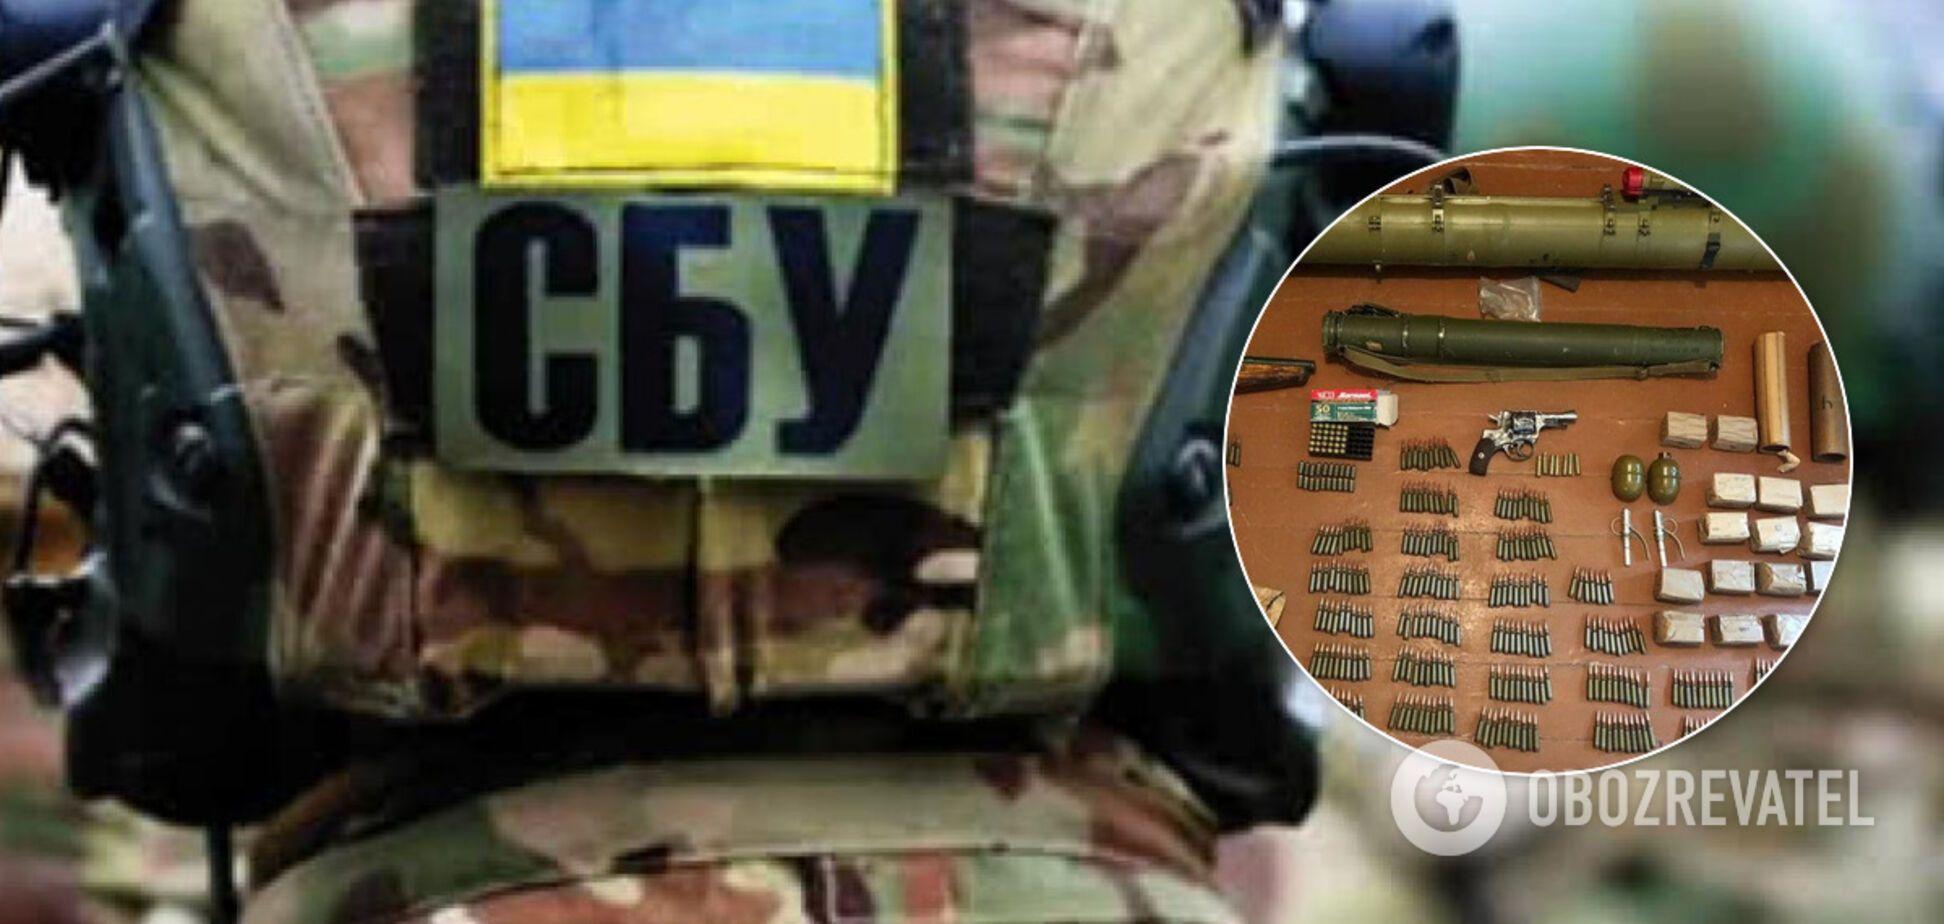 СБУ обнаружила арсенал оружия в Кривом Роге